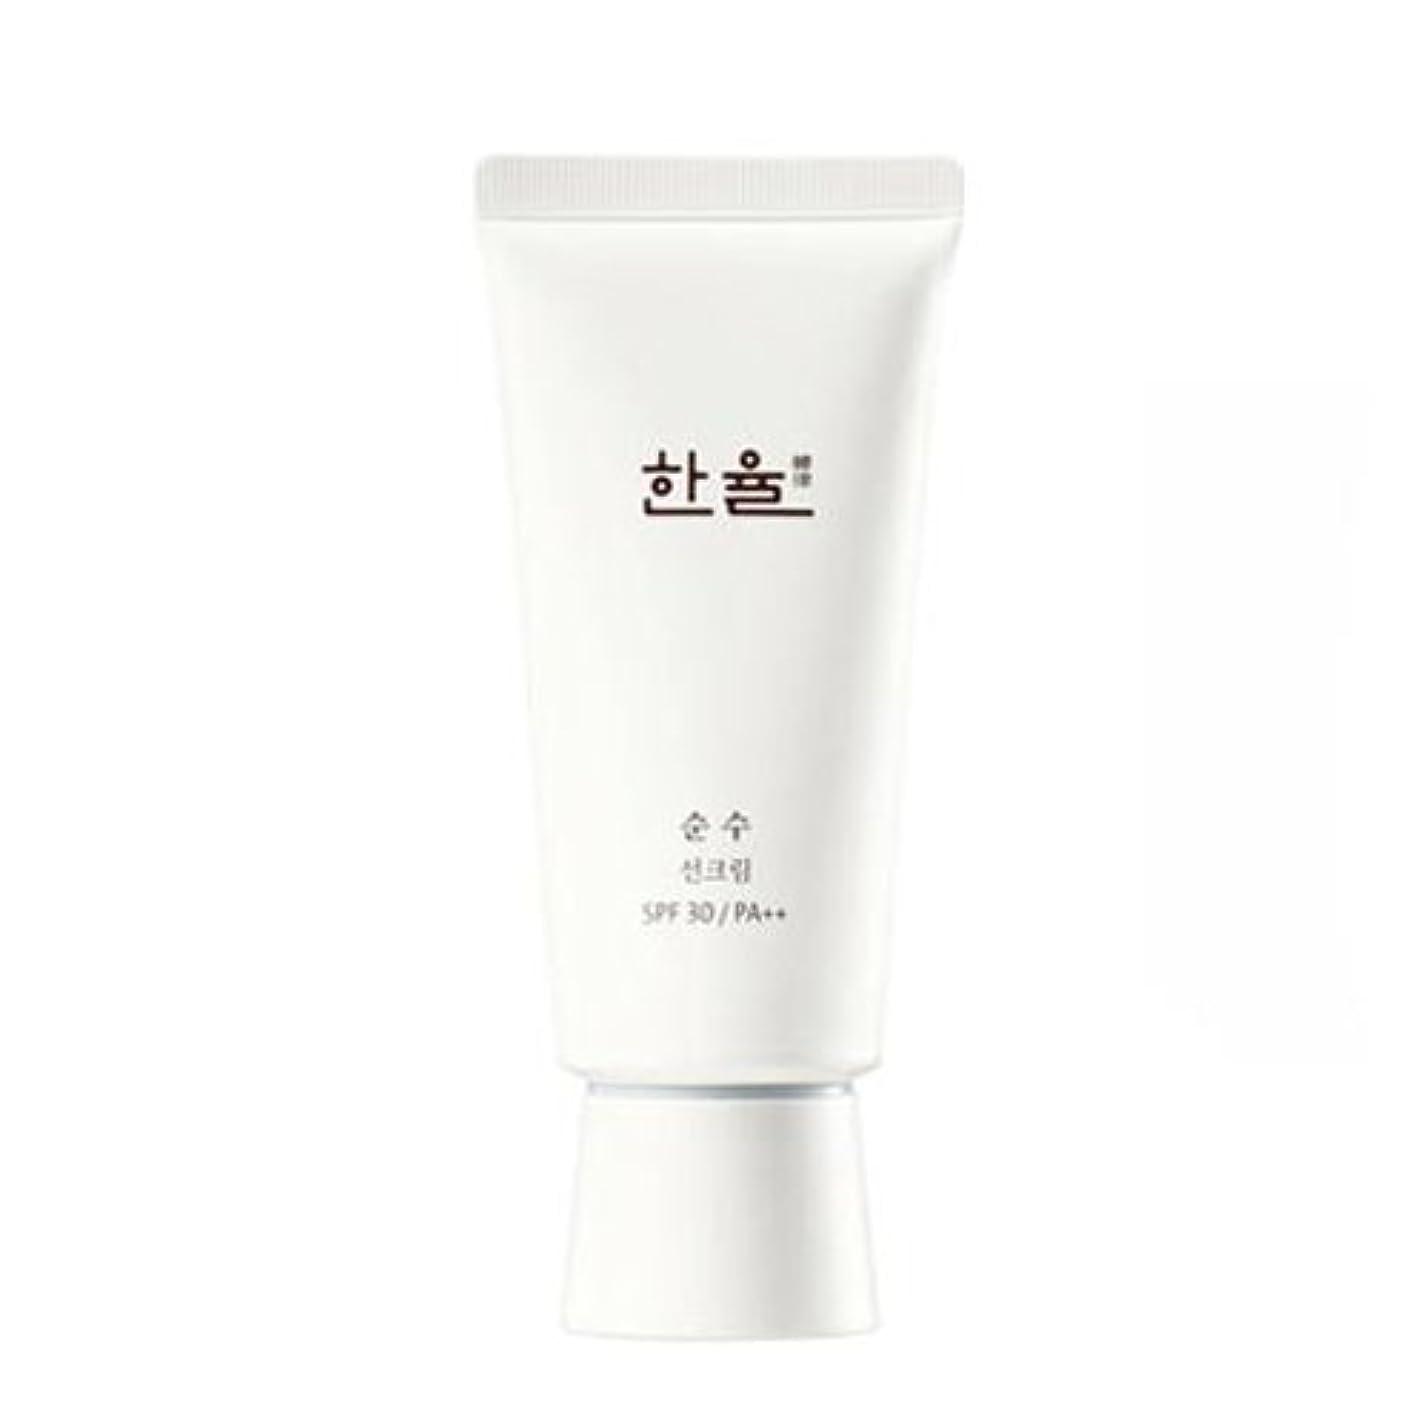 マネージャー飢えた縫い目Hanyul [ハンユル]純粋な日焼け止め[並行輸入品] + SoltreeBundleあぶらとり紙50枚